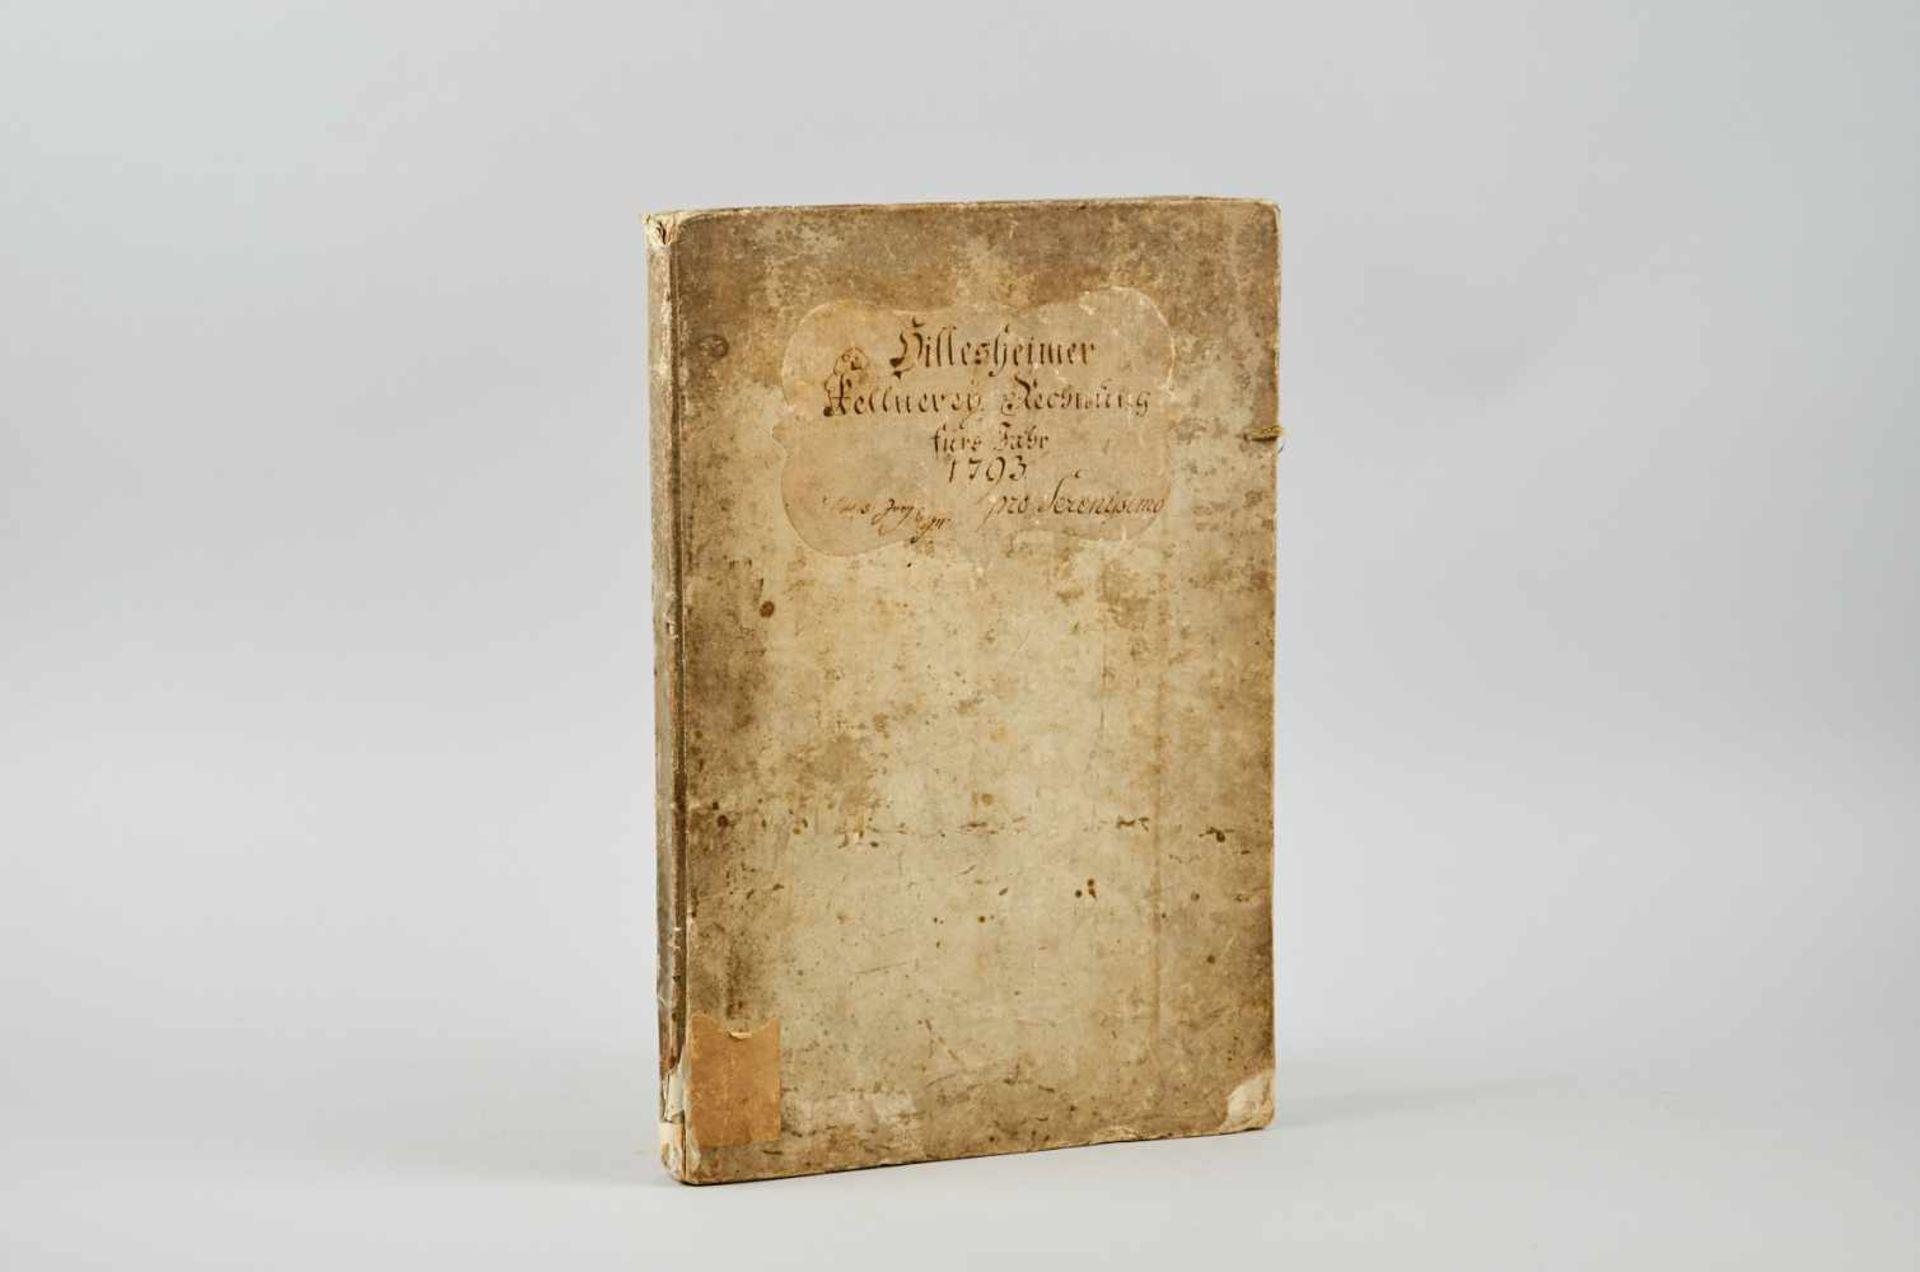 """Hillesheim- """"Hillesheimer Kellnerey Rechnung fürs Jahr 1793."""" (Deckeltitel).Typographische"""